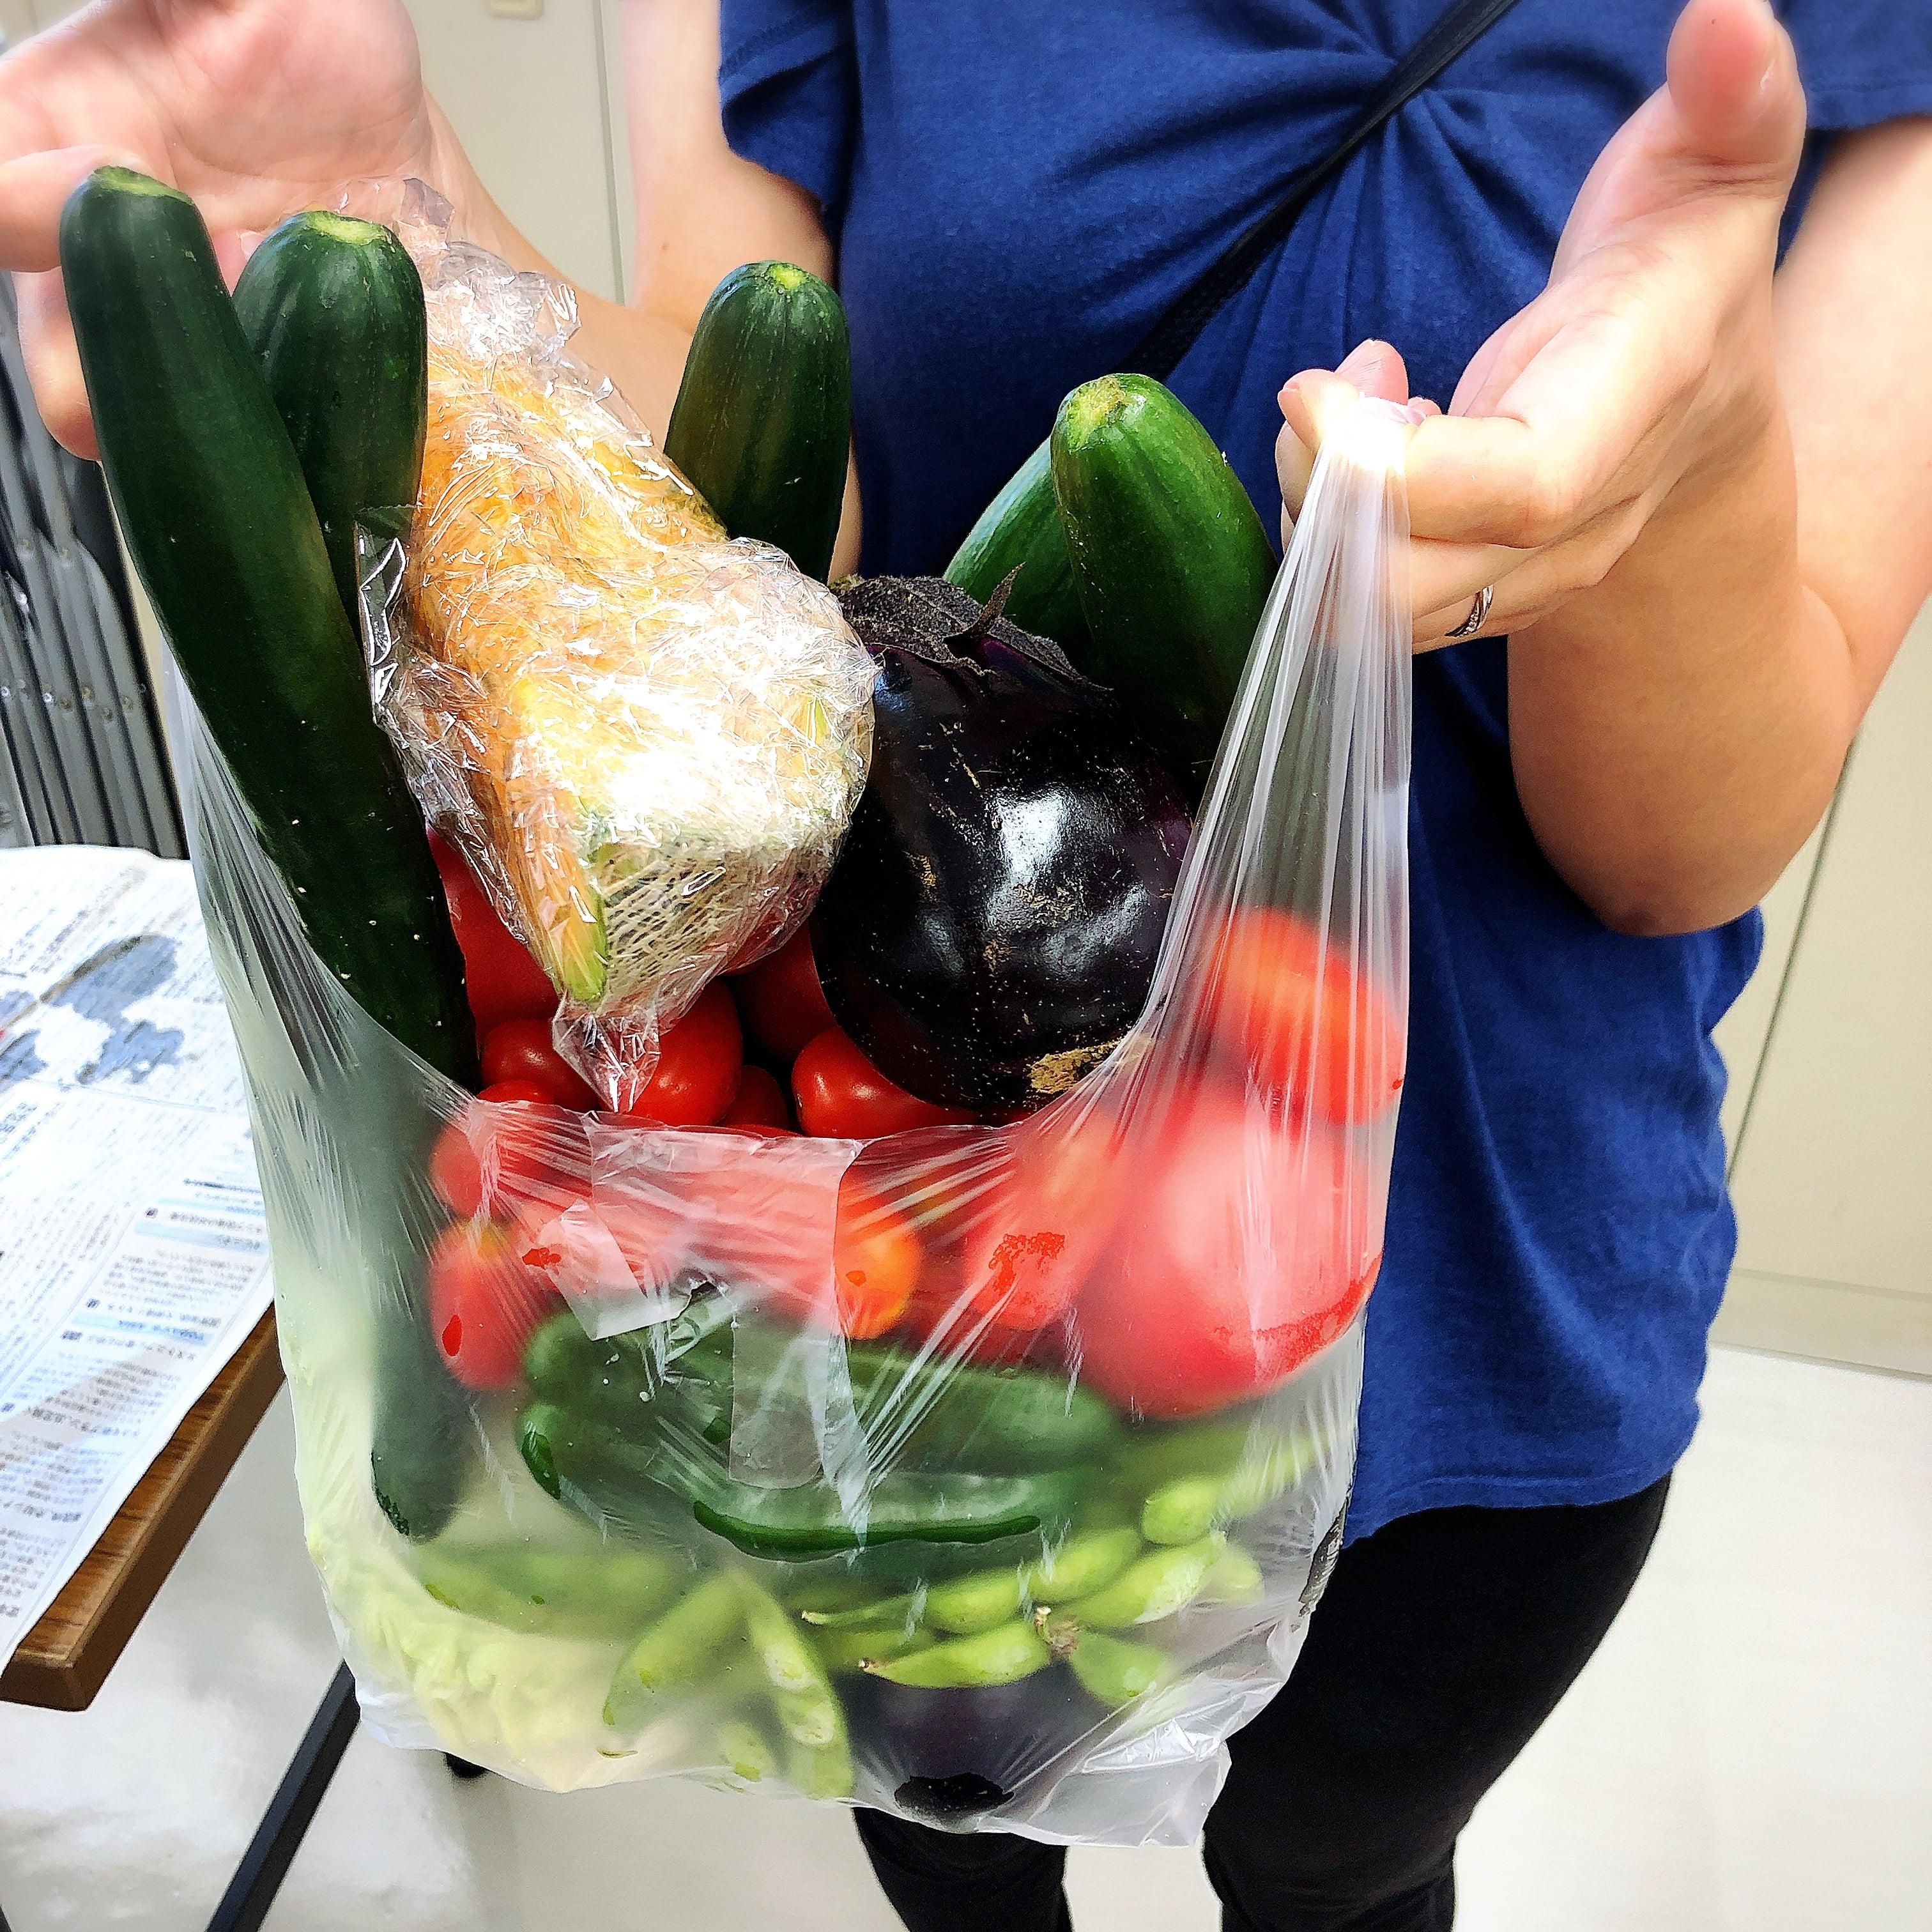 駅南マルシェ限定!野菜詰め放題500円のイメージその2